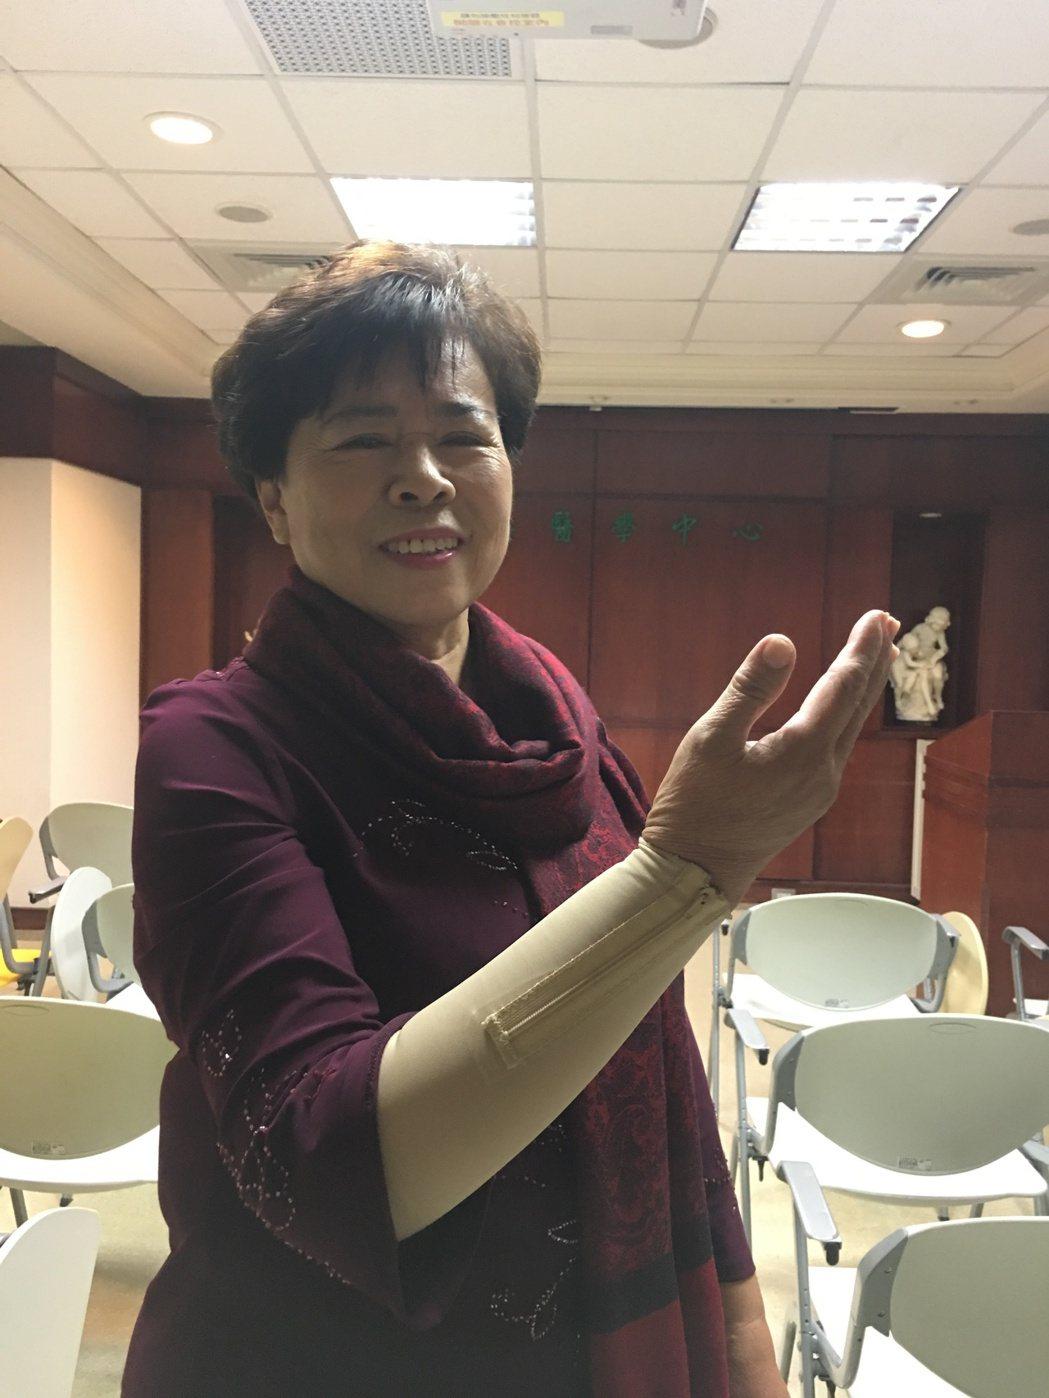 62歲蘇張女士乳癌手術後30多年來飽受淋巴水腫,如今擺脫「大象手」 之苦,露出開...